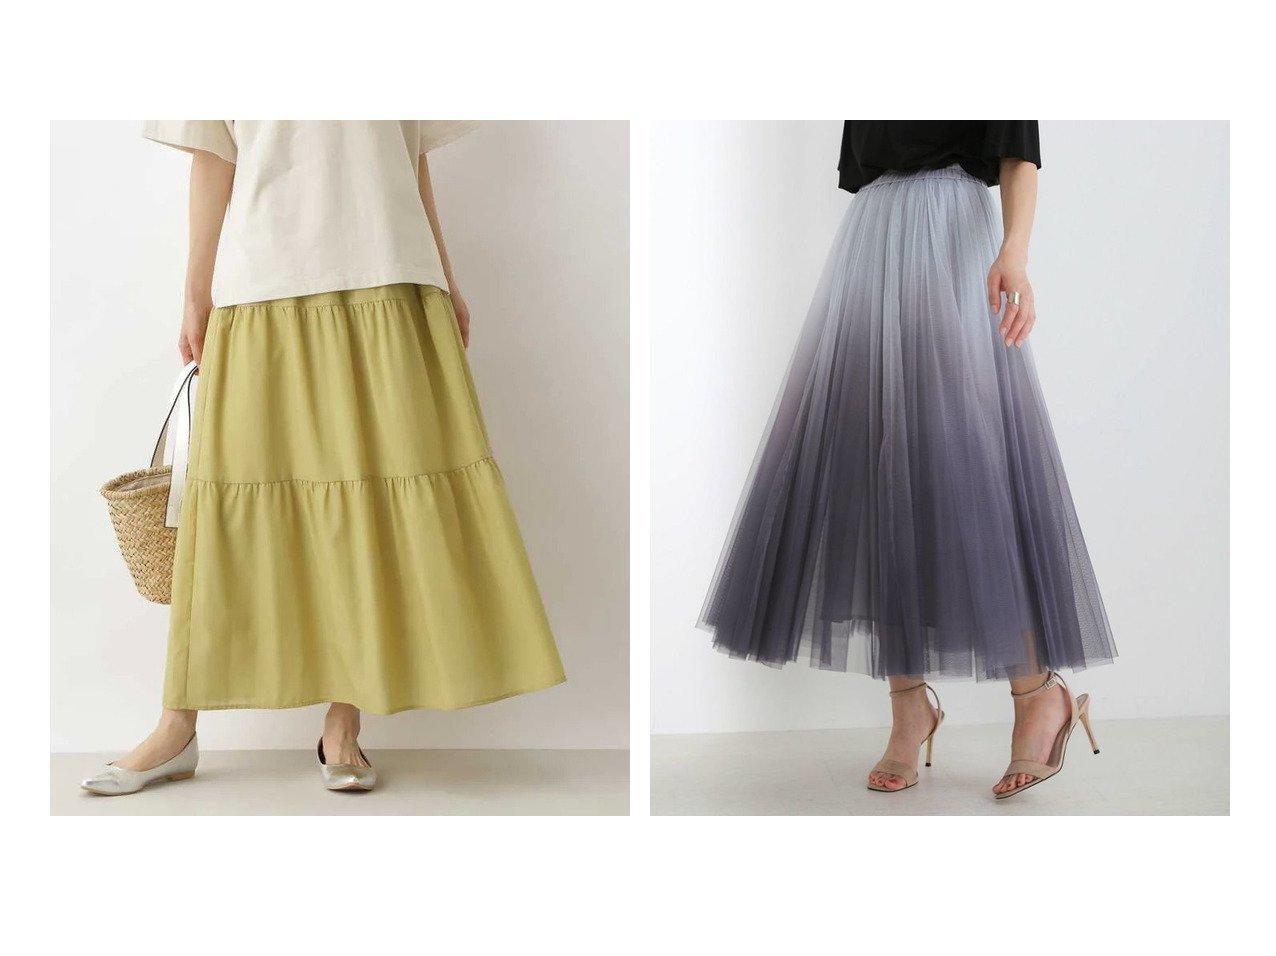 【NATURAL BEAUTY BASIC/ナチュラル ビューティー ベーシック】の洗える ボイルティアードスカート&【Bou Jeloud/ブージュルード】のグラデーションボリュームギャザースカート 【スカート】おすすめ!人気、トレンド・レディースファッションの通販 おすすめで人気の流行・トレンド、ファッションの通販商品 インテリア・家具・メンズファッション・キッズファッション・レディースファッション・服の通販 founy(ファニー) https://founy.com/ ファッション Fashion レディースファッション WOMEN スカート Skirt ティアードスカート Tiered Skirts ギャザー リラックス 洗える ガーリー グラデーション シンプル スニーカー ダウン チュール バランス プチプライス・低価格 Affordable |ID:crp329100000047541